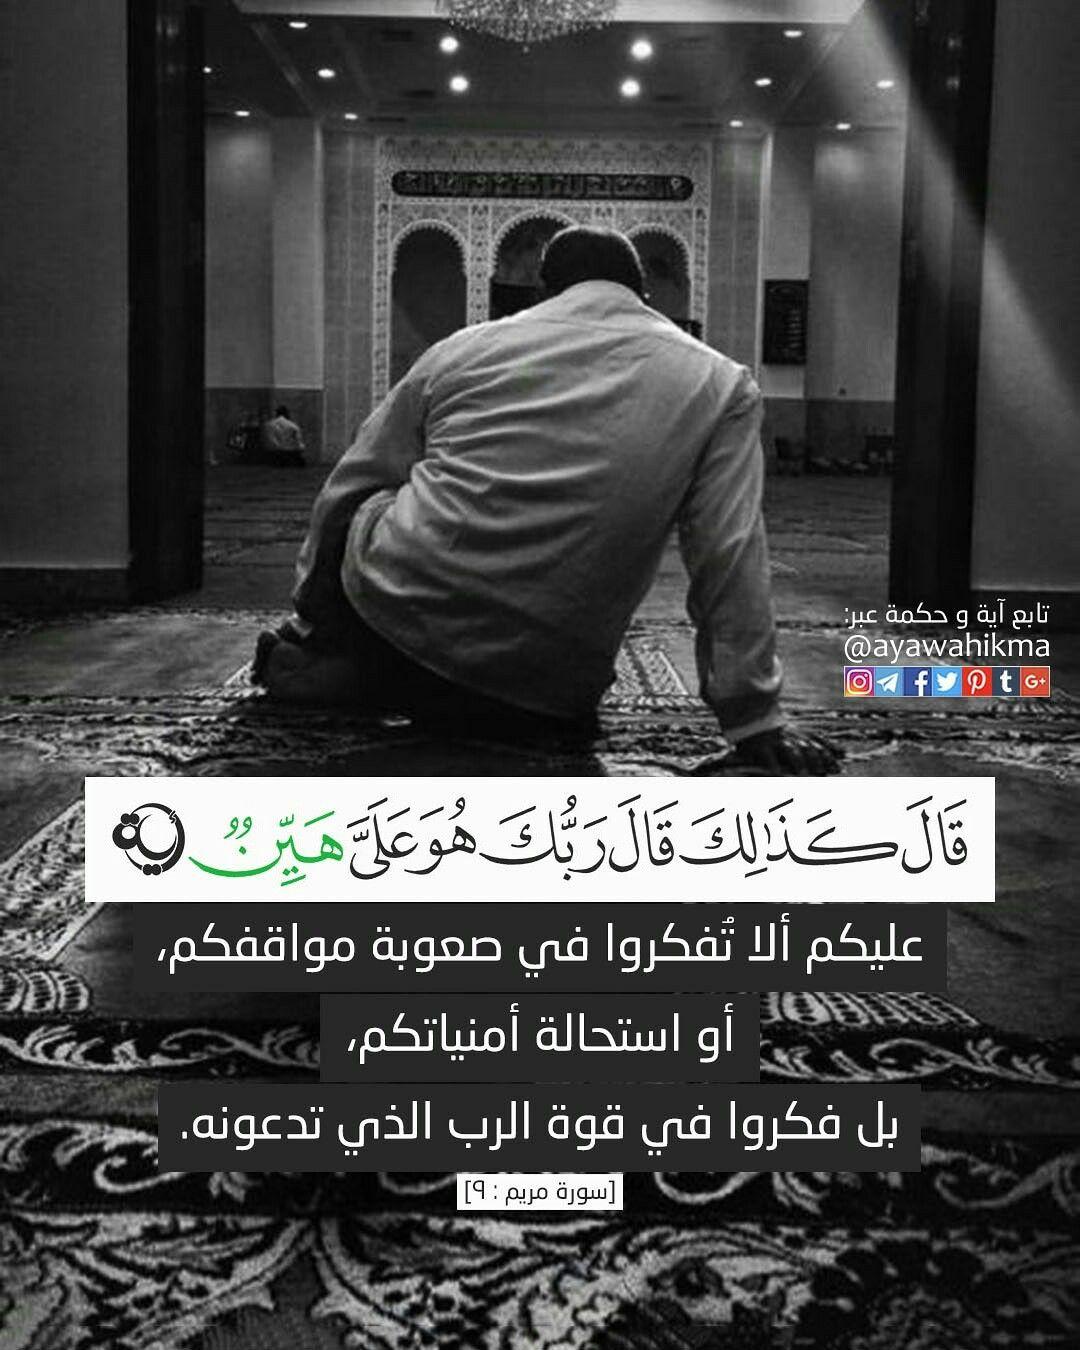 آیة و حكمة ق ال ك ذ ل ك ق ال ر ب ك ه و ع ل ي ه ي ن سورة مريم ٩ عليكم ألا تفكروا في صعوبة مواقفكم أو Quran Quotes Wise Quotes Islam Marriage